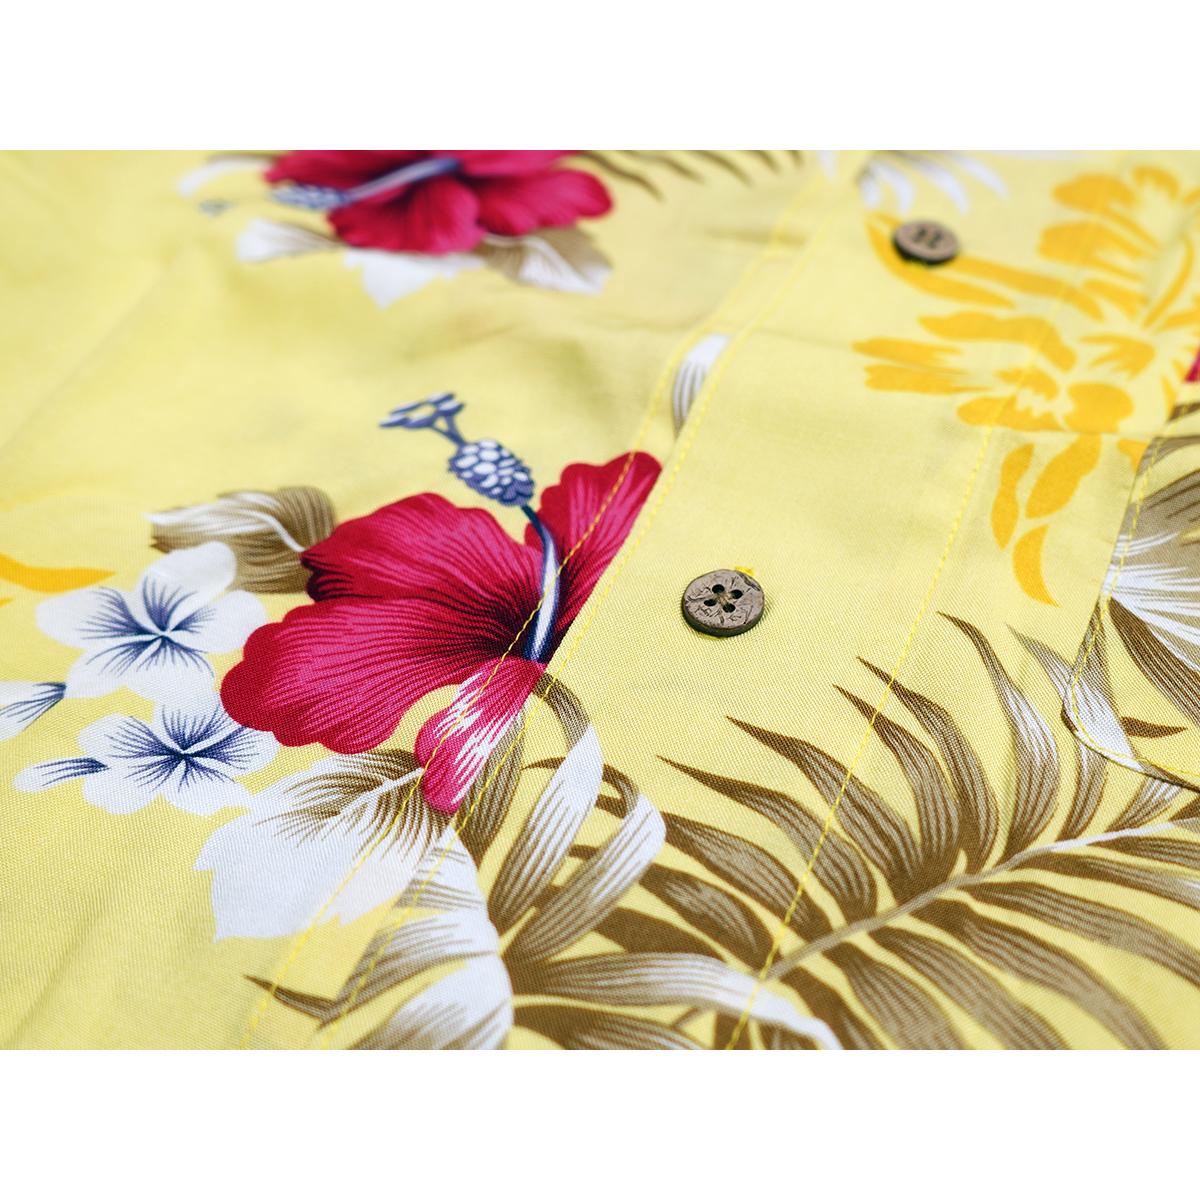 【新品】 アロハシャツ レーヨン フラワー柄■ 3Lサイズ(2XL,XXL) / イエロー黄29 ■大きいサイズ ボタニカル 花 オープンカラー b008_画像6